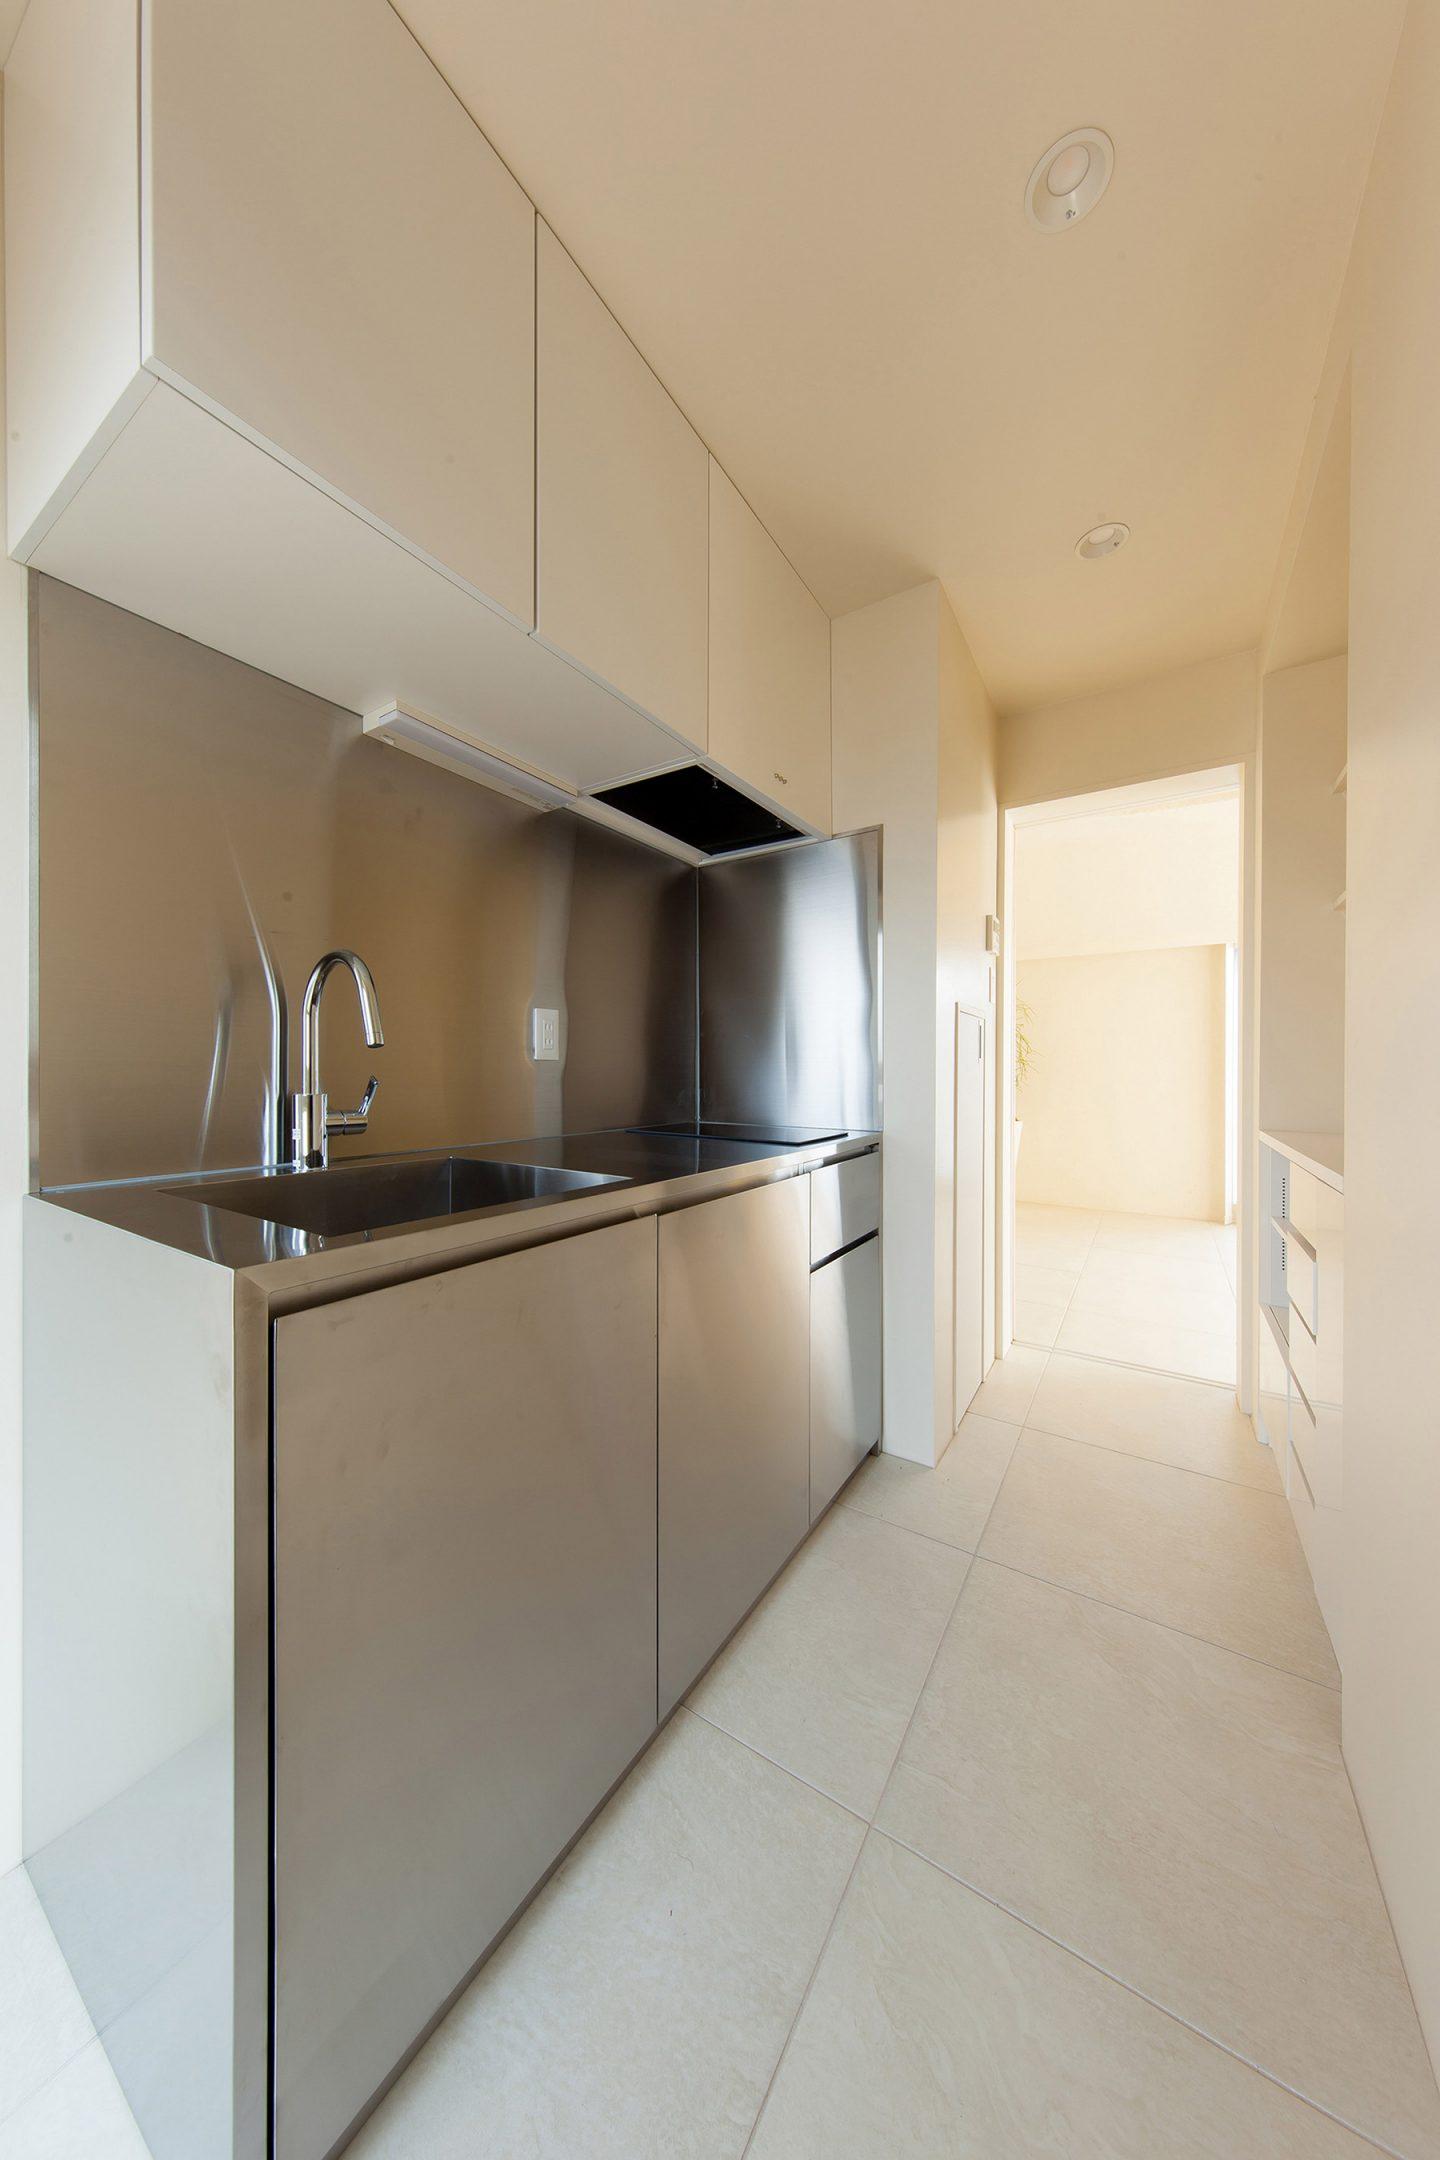 iGNANT-Architecture-Hiroyuki-Ogawa-Shibuya-Apartment-09